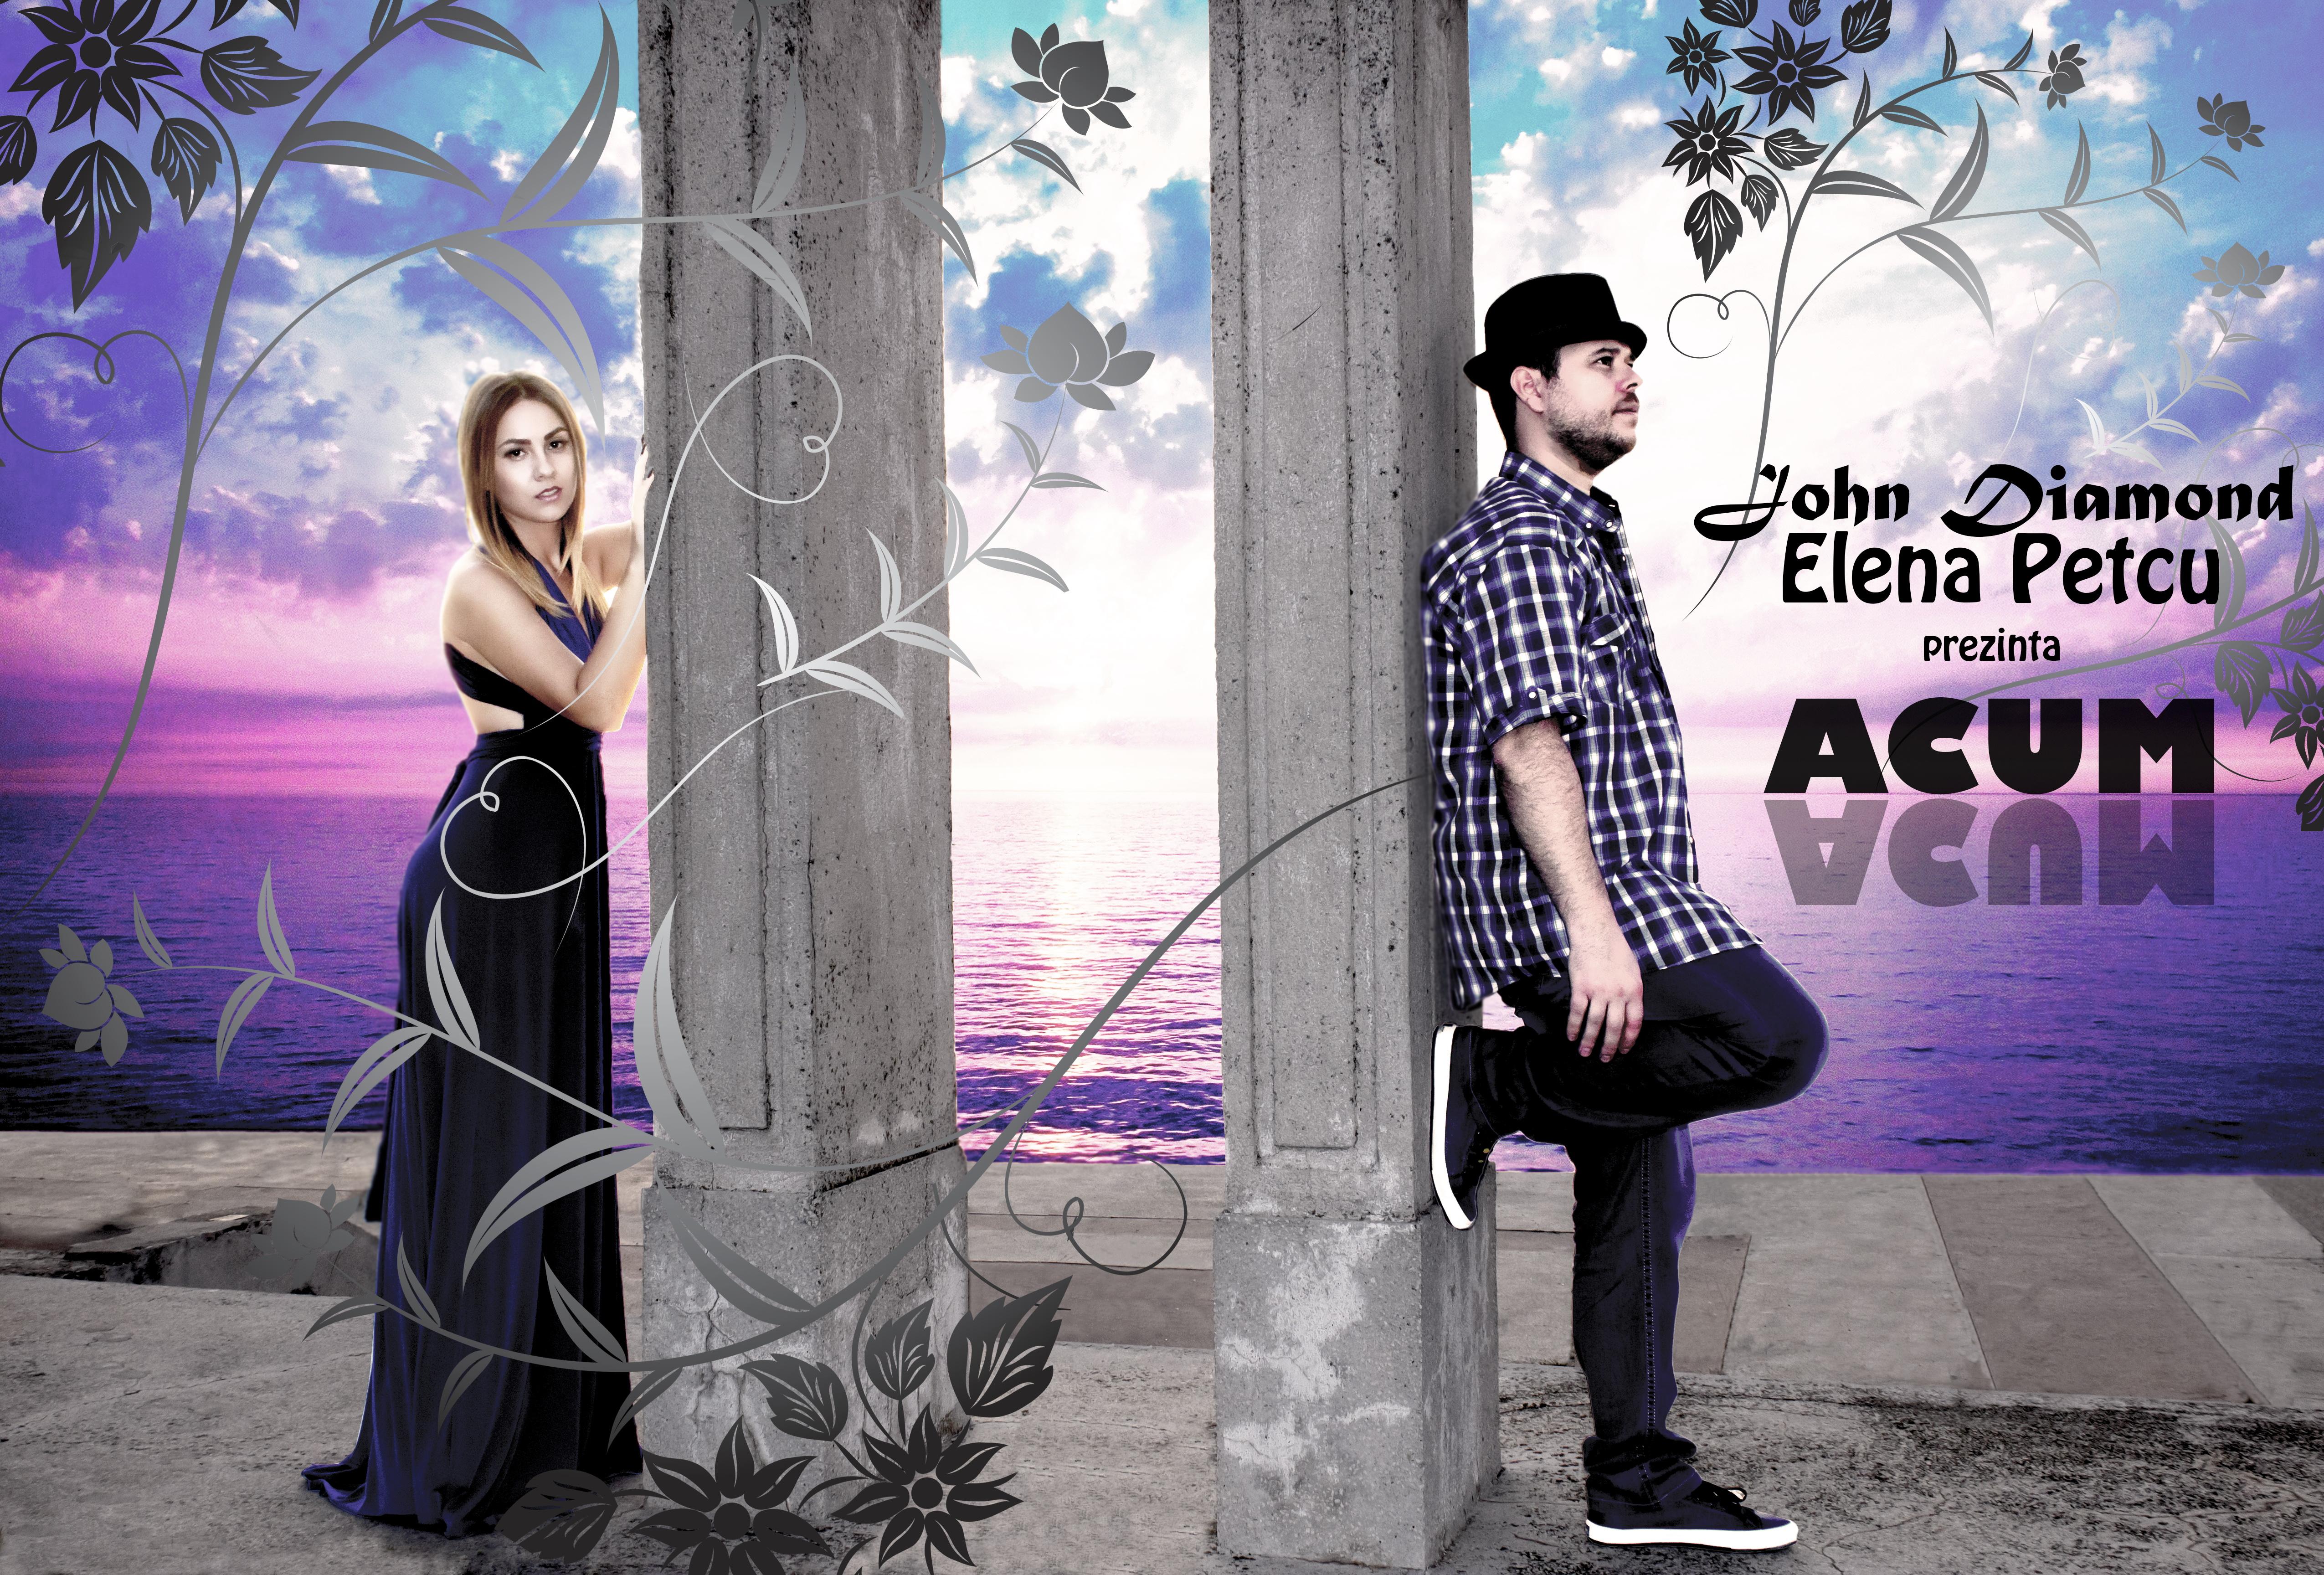 John Diamond Feat Elena Petcu - Acum CoverArt